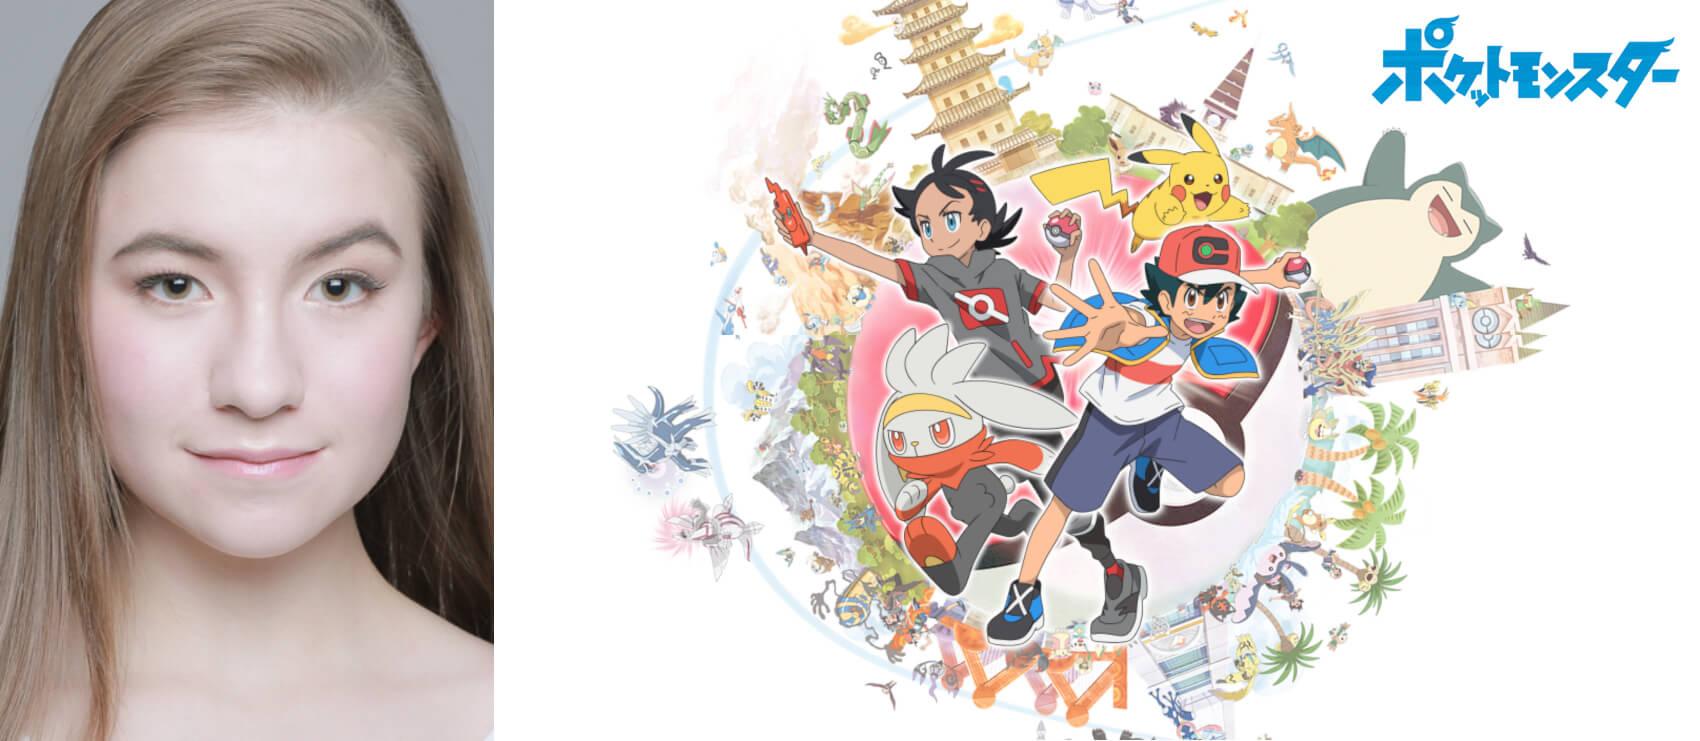 アニメ「ポケットモンスター」にマリナ・アイコルツが声優としてレギュラー出演します!